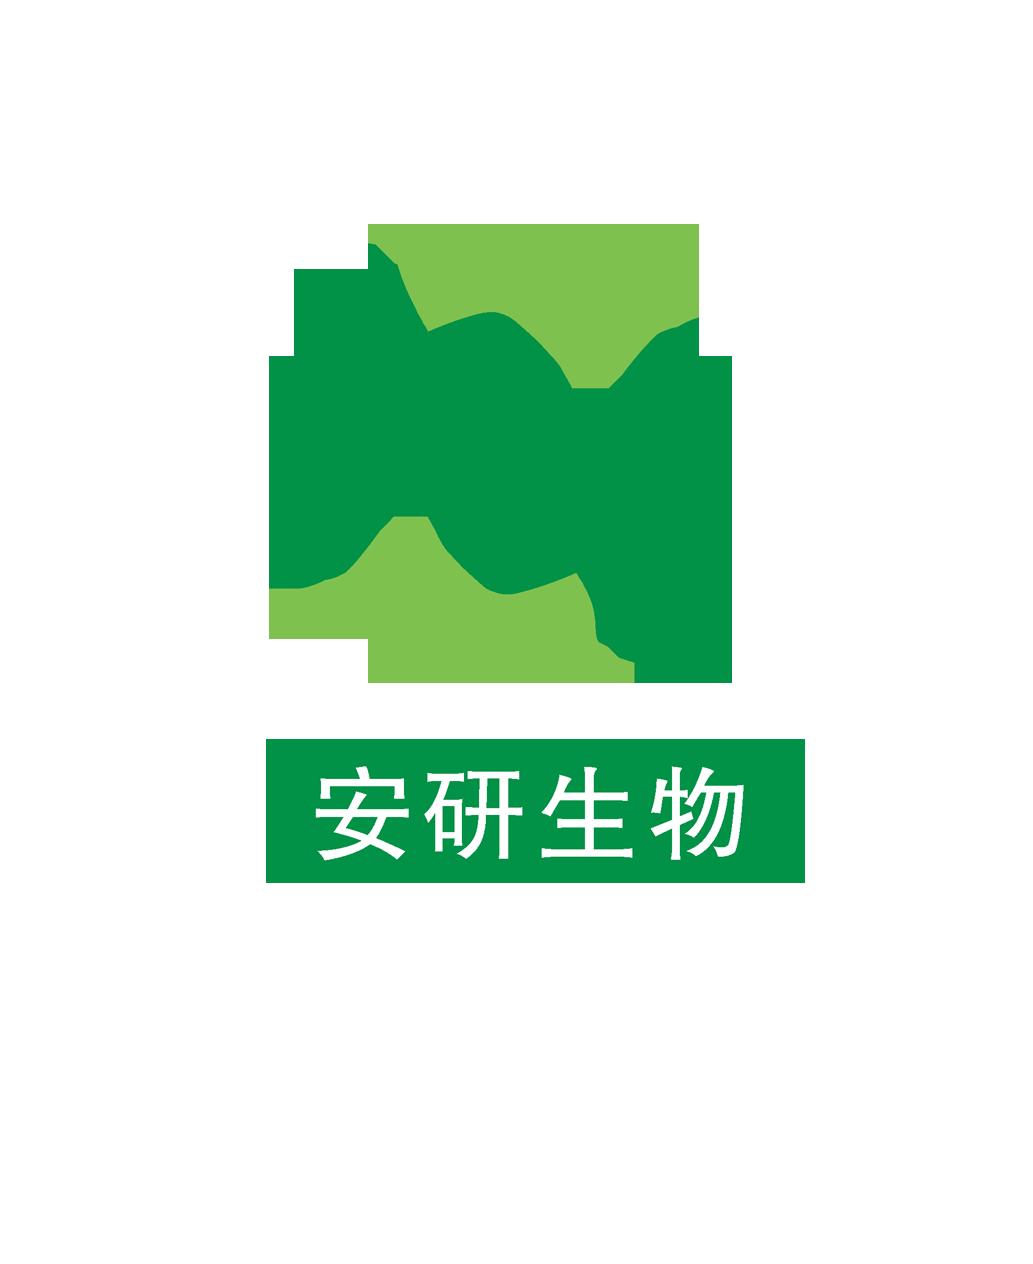 上海安研商贸有限公司